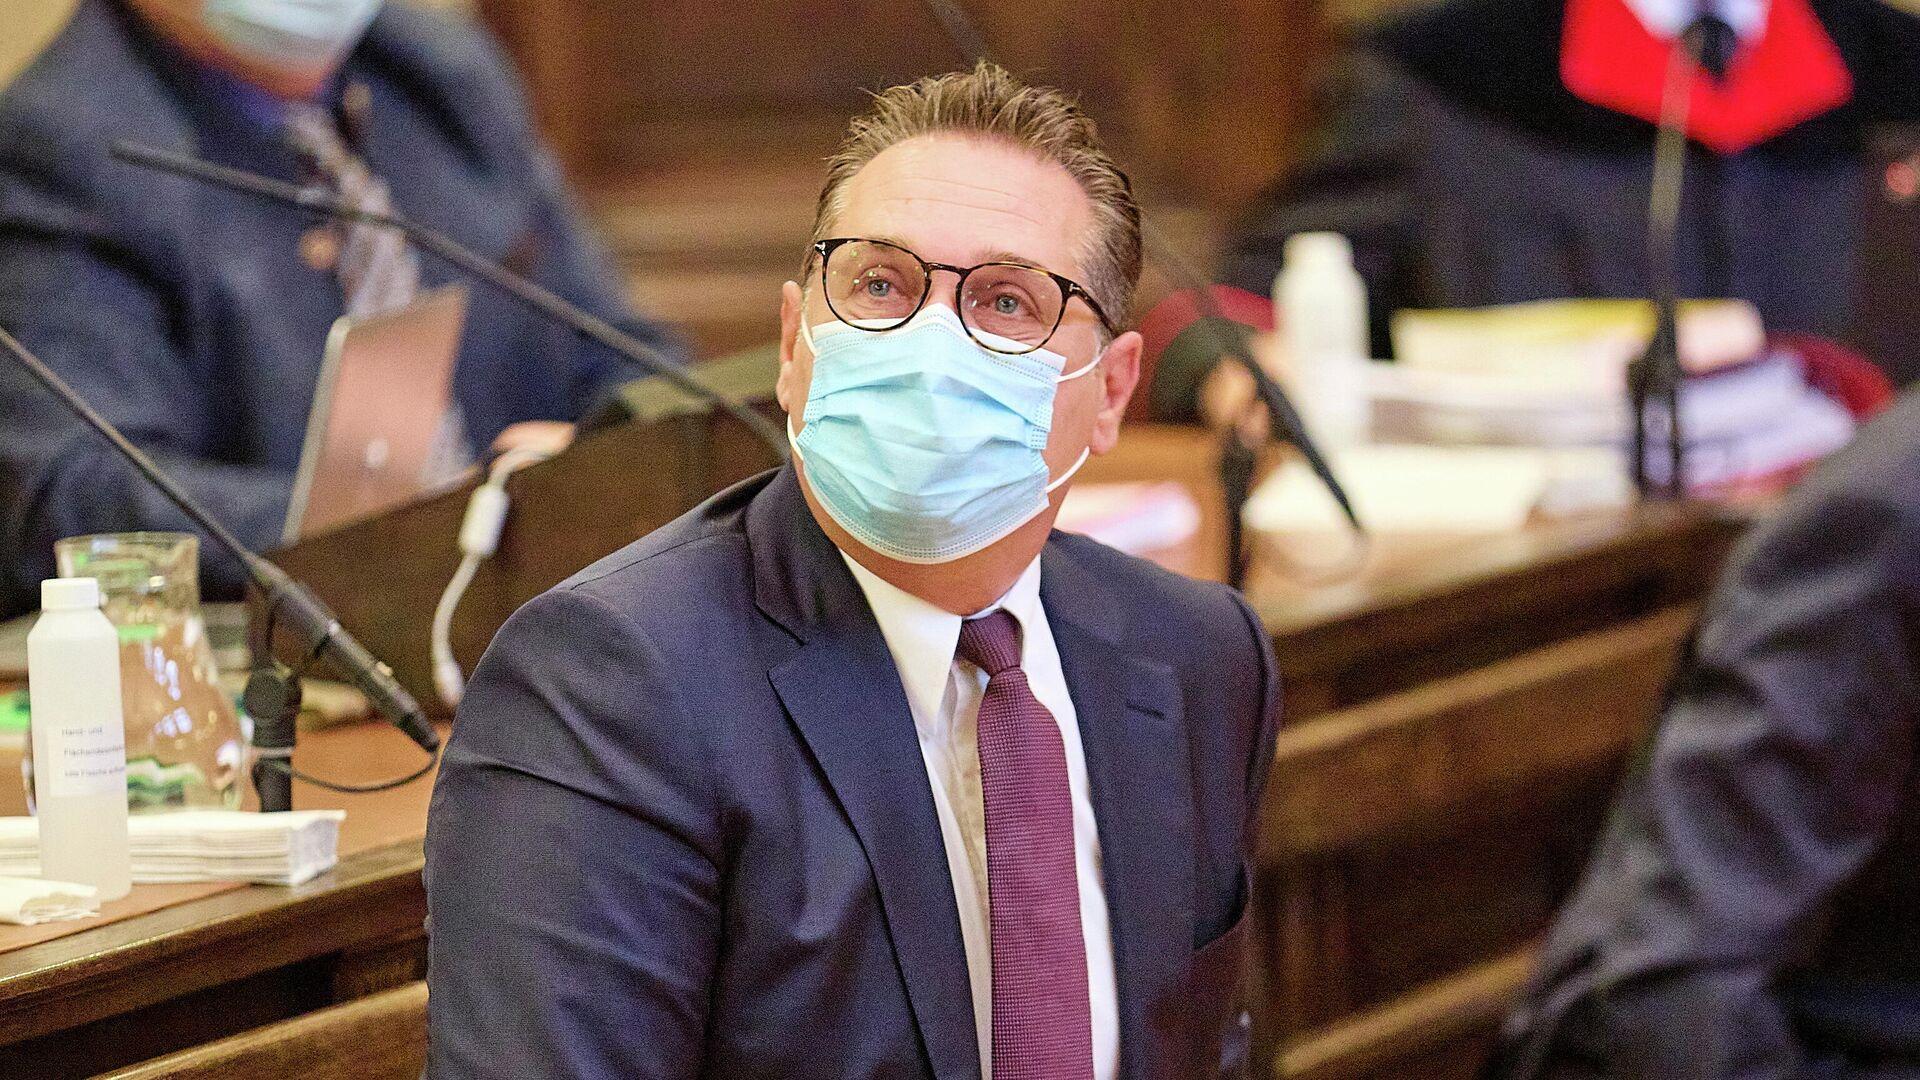 Avusturya Özgürlük Partisi'nin (FPÖ) eski lideri ve eski Başbakan Yardımcısı Heinz-Christian Strache, Viyana'daki mahkemede yolsuzluktan yargılanırken - Sputnik Türkiye, 1920, 27.08.2021